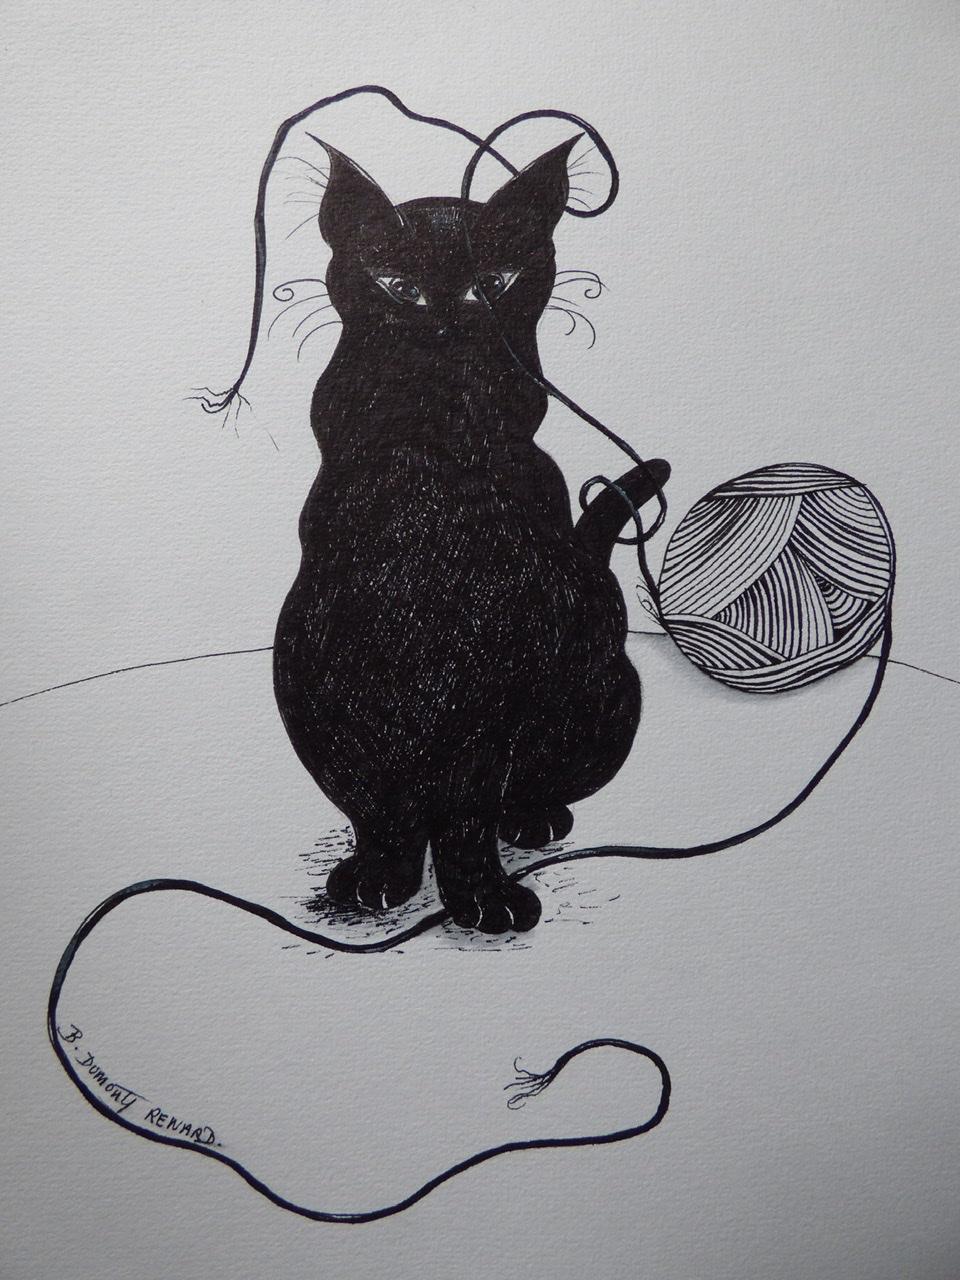 """<span style=""""color: #ff0000;""""><a style=""""color: #ff0000;"""" href=""""mailto:bdumontrenard@yahoo.com?subject=Défi 15 dessins 15 semaines -  Le chat et la pelote noire""""> Contacter l'artiste</a></span> B. Dumont Renard -   Le chat et la pelote noire - 80€  (transaction directement avec l'artiste) - feutre/marqueur,  24 x 32 cm"""